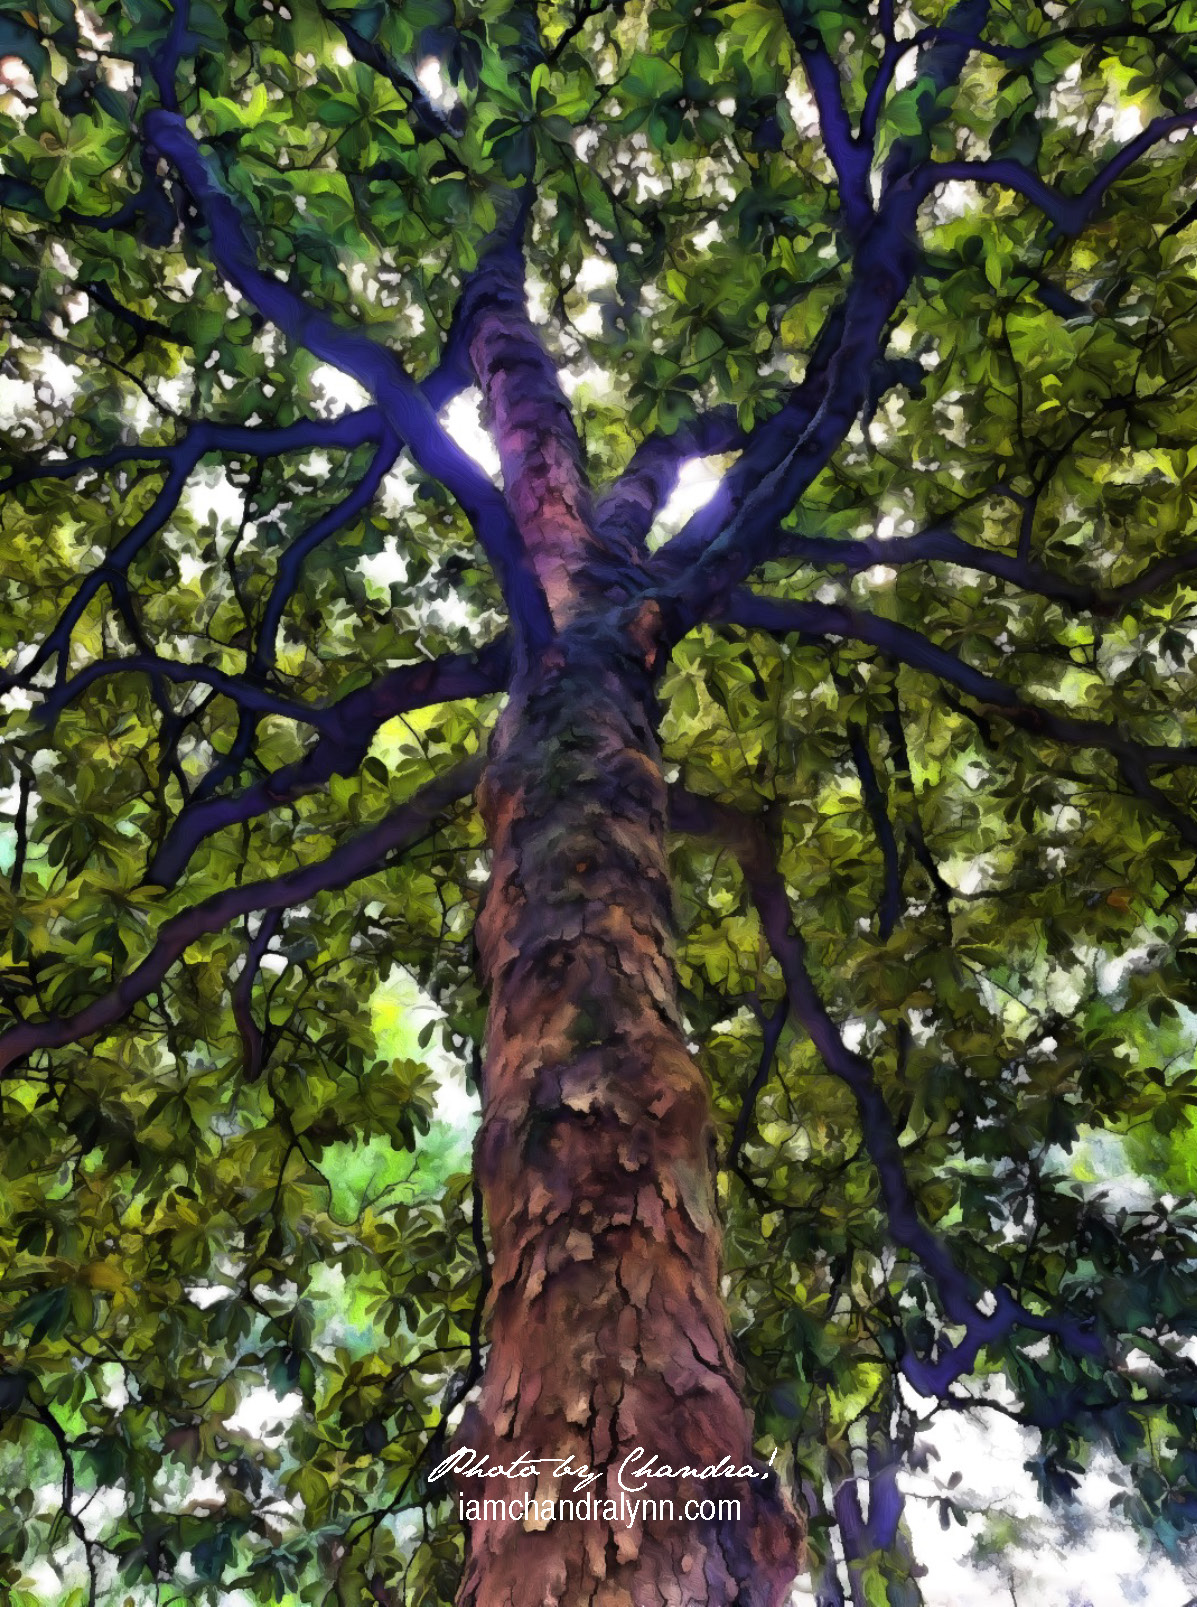 Inside the Magnolia